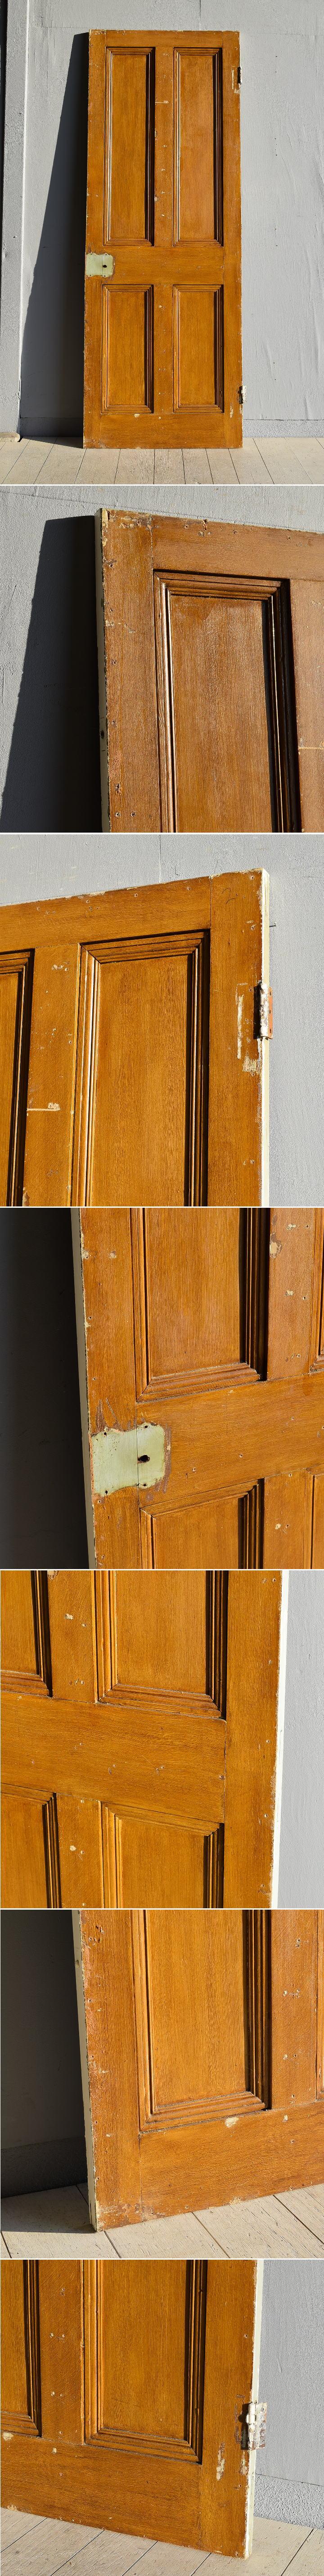 イギリス アンティーク ドア 扉 建具 7852